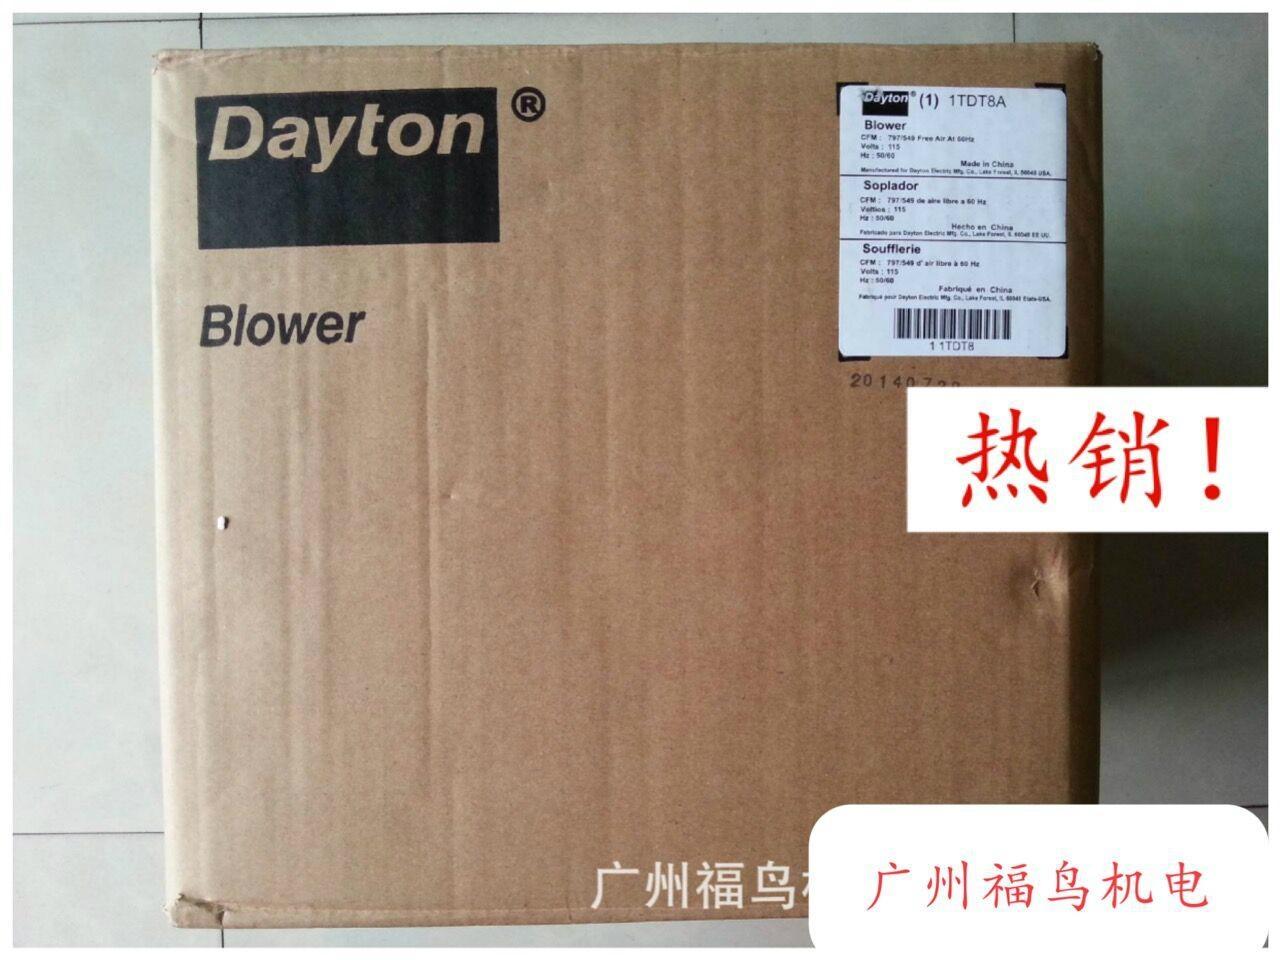 DAYTON風機  型號: 1TDT8, 1TDT8A.